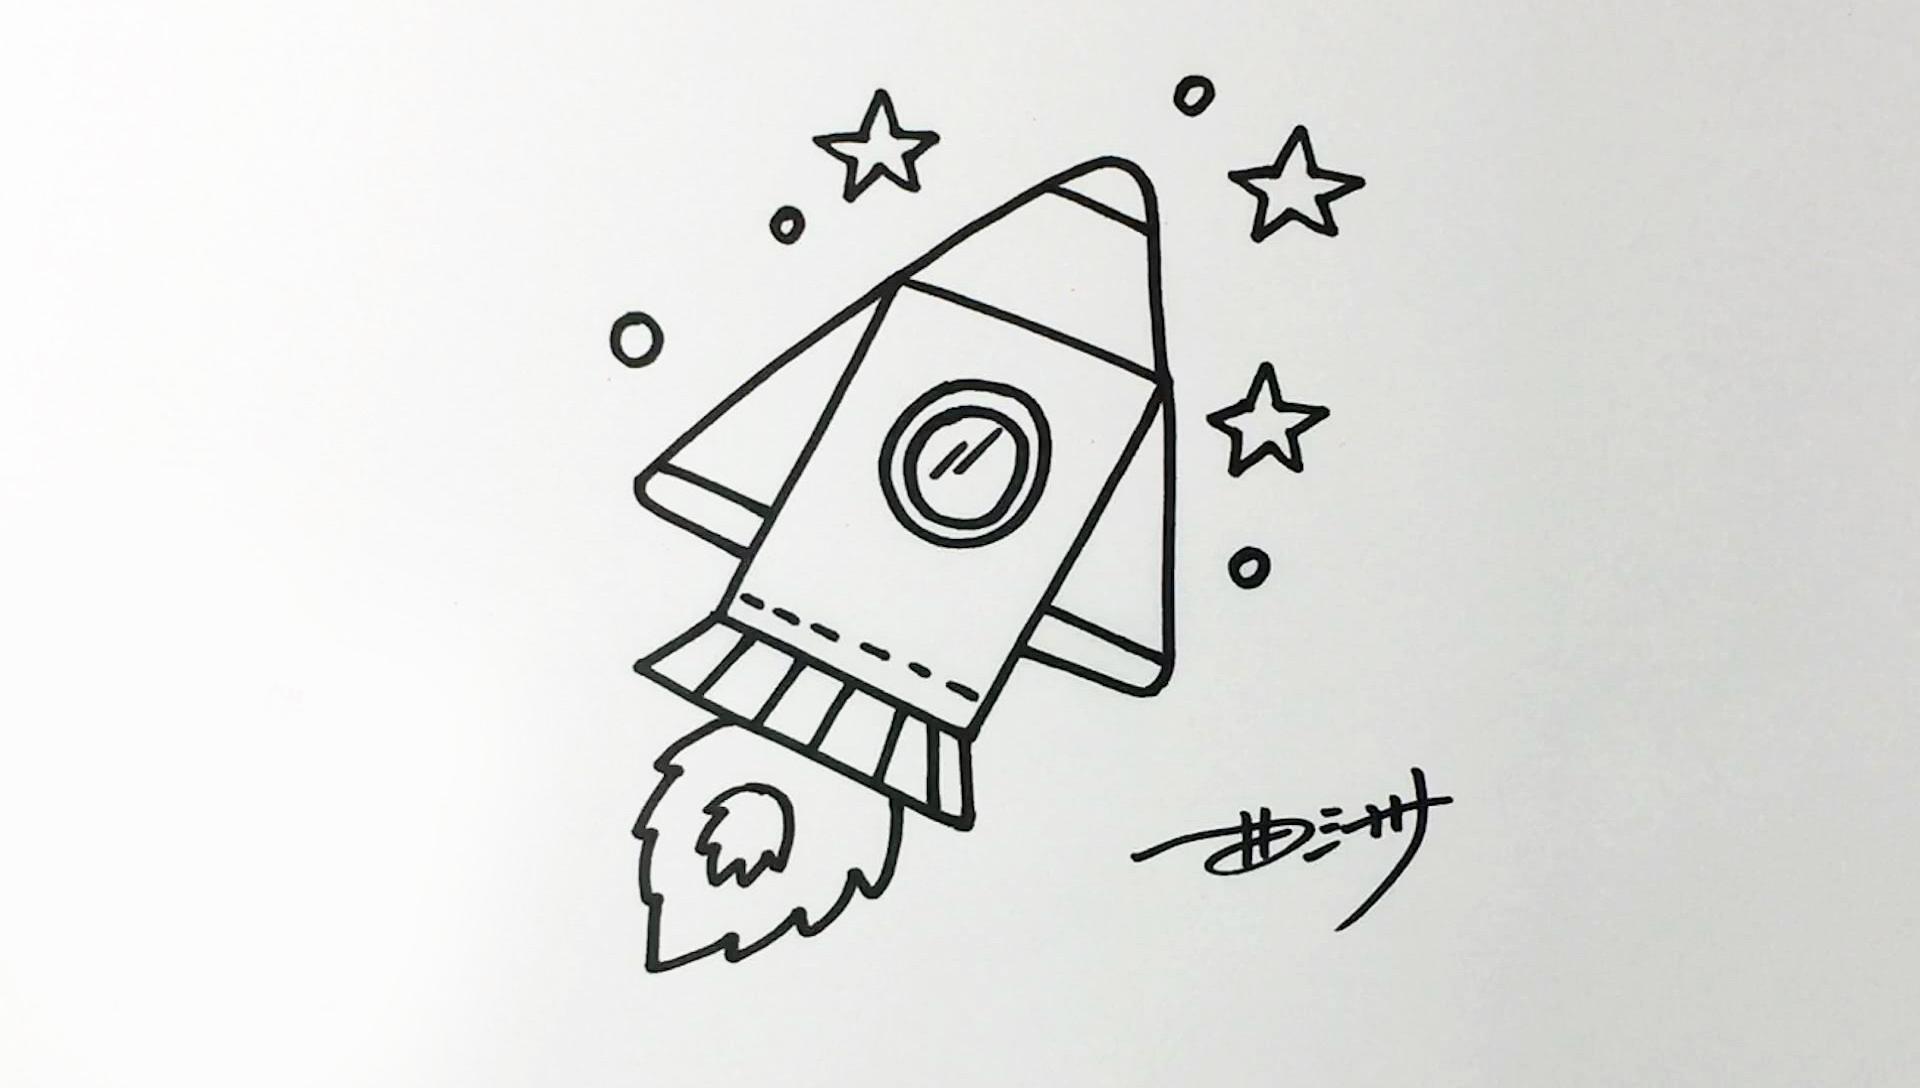 原标题:曲洲老师画卡通:幼儿的简笔画系列神舟飞船 大朋友小朋友们,大家好,我是曲洲老师。又到了亲子陪伴一起画卡通的时间,今天我们要画神舟号飞船。你们准备好了吗?让我们开始吧。 大朋友小朋友们,大家好,我是曲洲老师。又到了亲子陪伴一起画卡通的时间,今天我们要画神舟号飞船。你们准备好了吗?让我们开始吧。 神舟飞船 10月17日早晨7点30分,中国的载人航天飞船神舟十一号发射升空。这是中国时隔三年再次进行载人航天发射。神舟十一号飞船搭载景海鹏和陈冬两名男性航天员,他们将在轨工作、生活33天,这将创造中国载人航